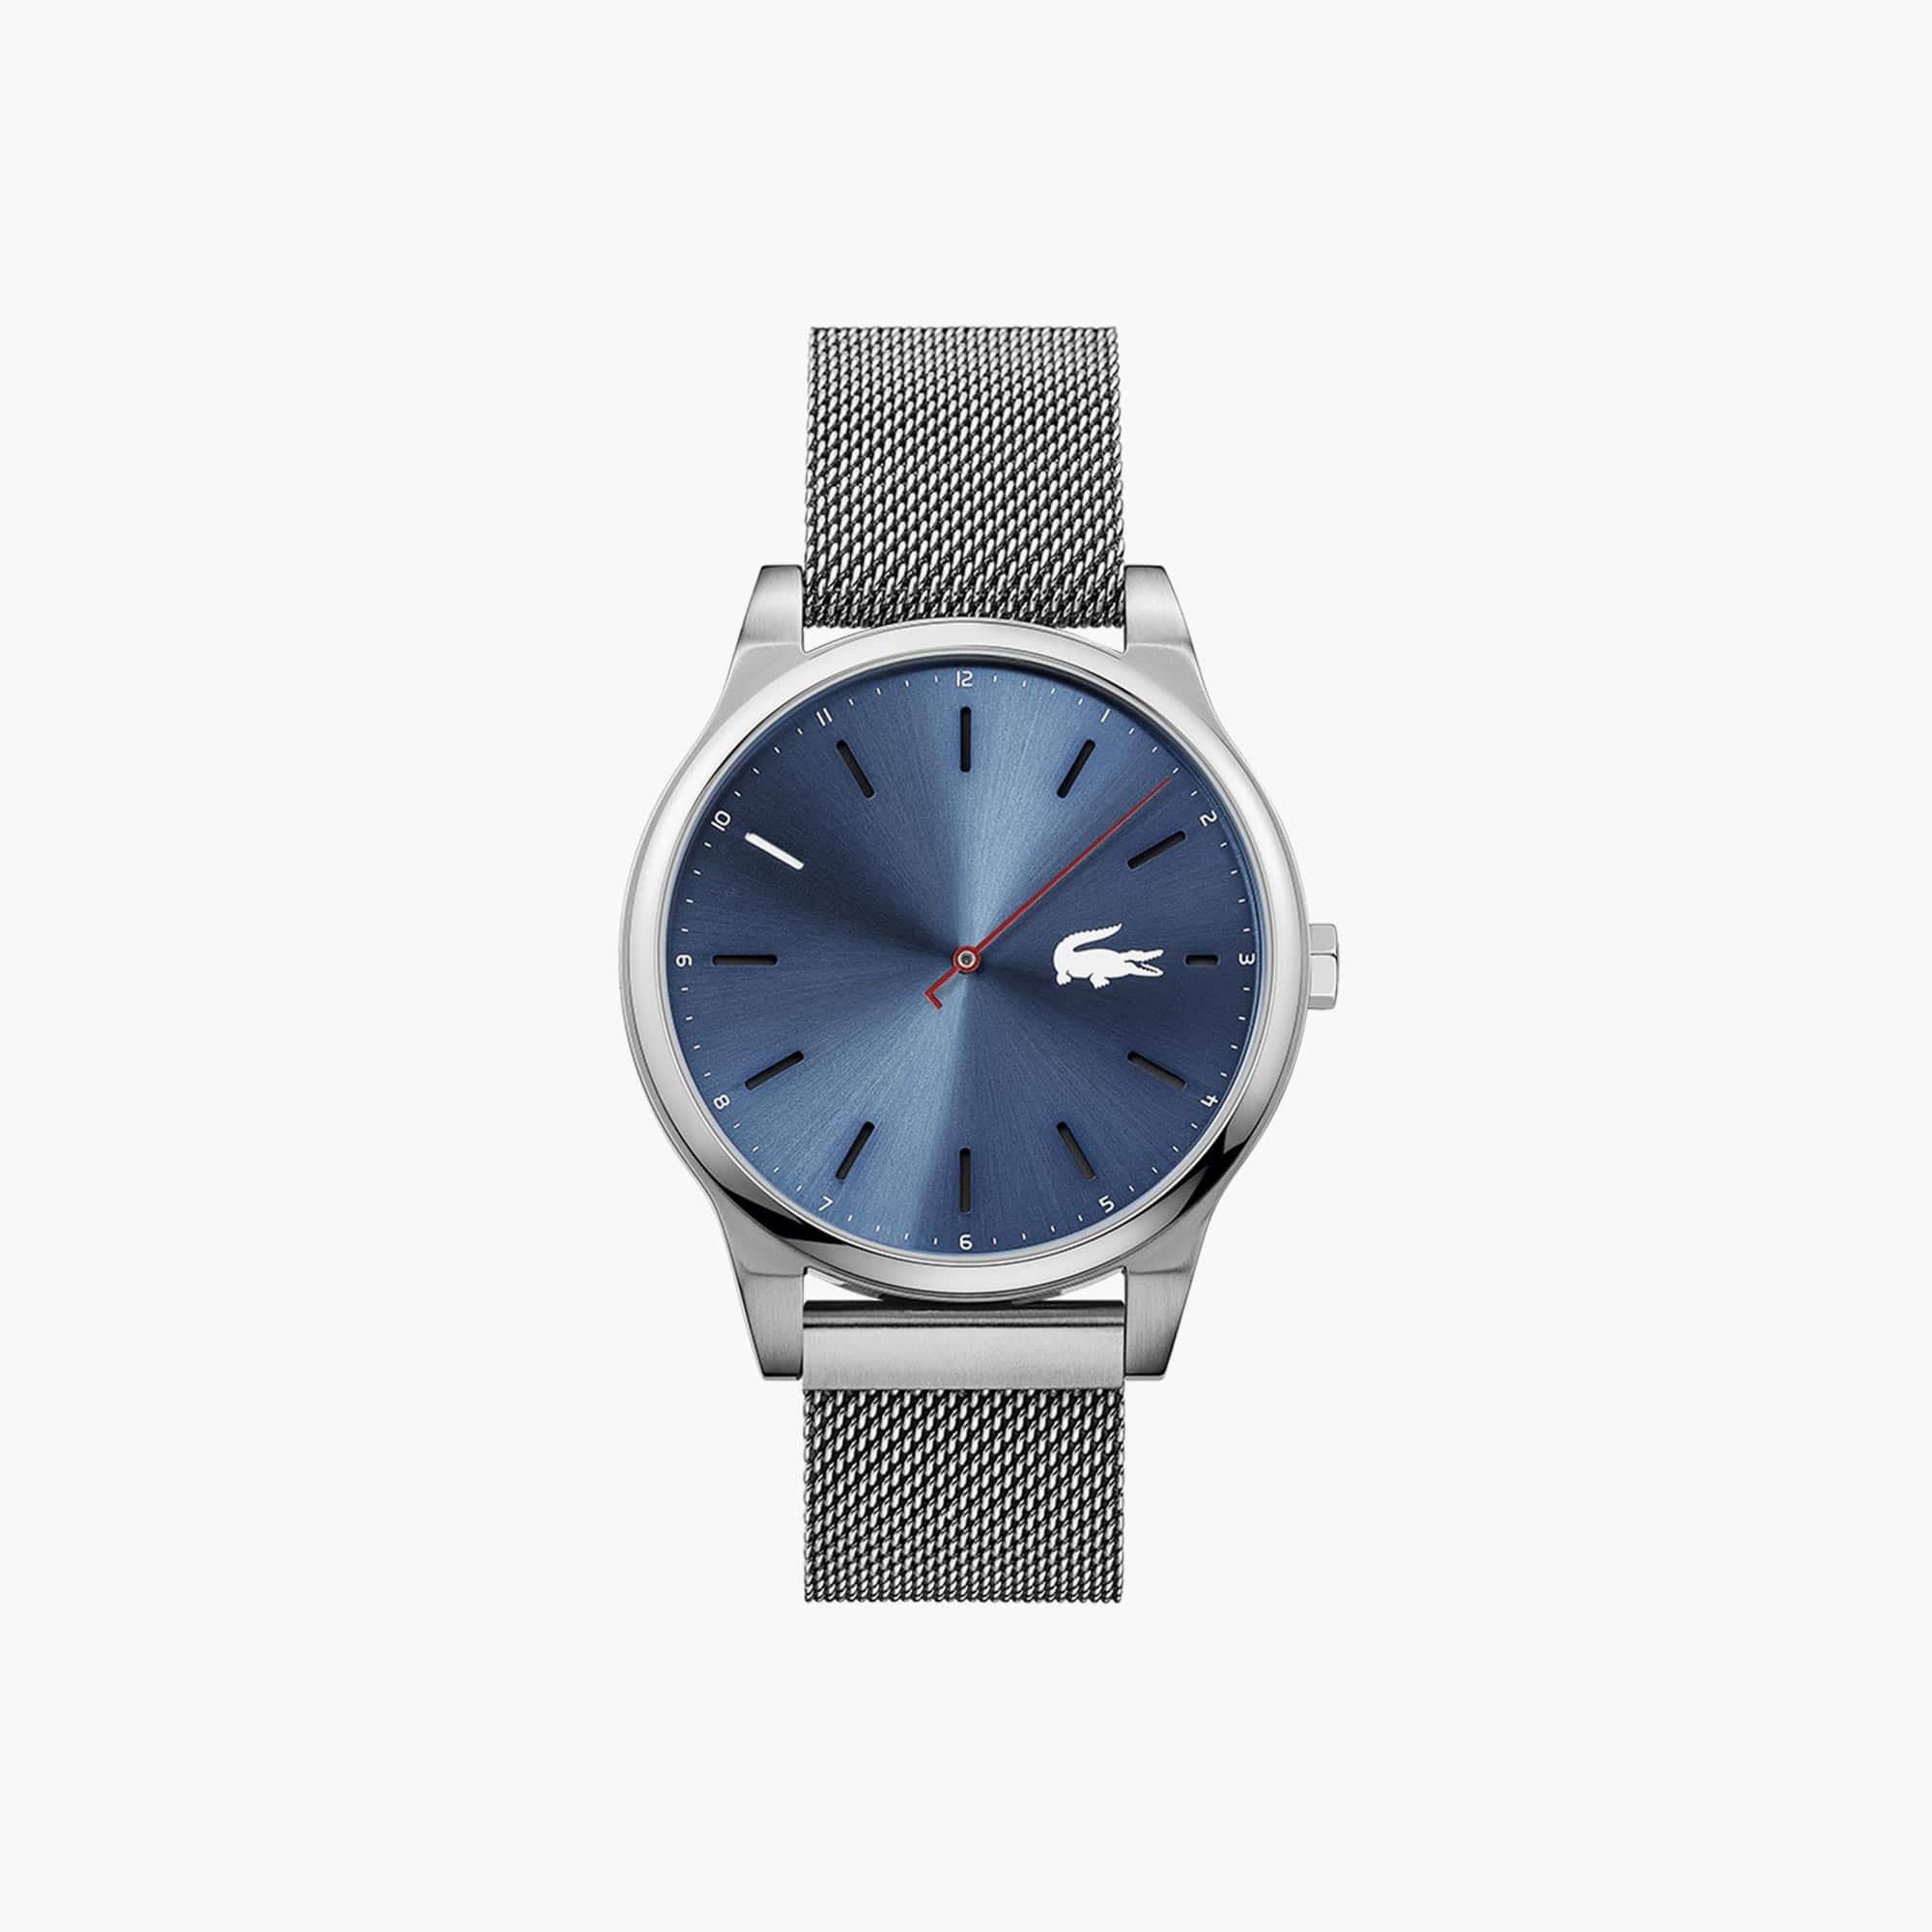 Reloj de Hombre Kyoto con Pulsera de Malla de Acero Inoxidable